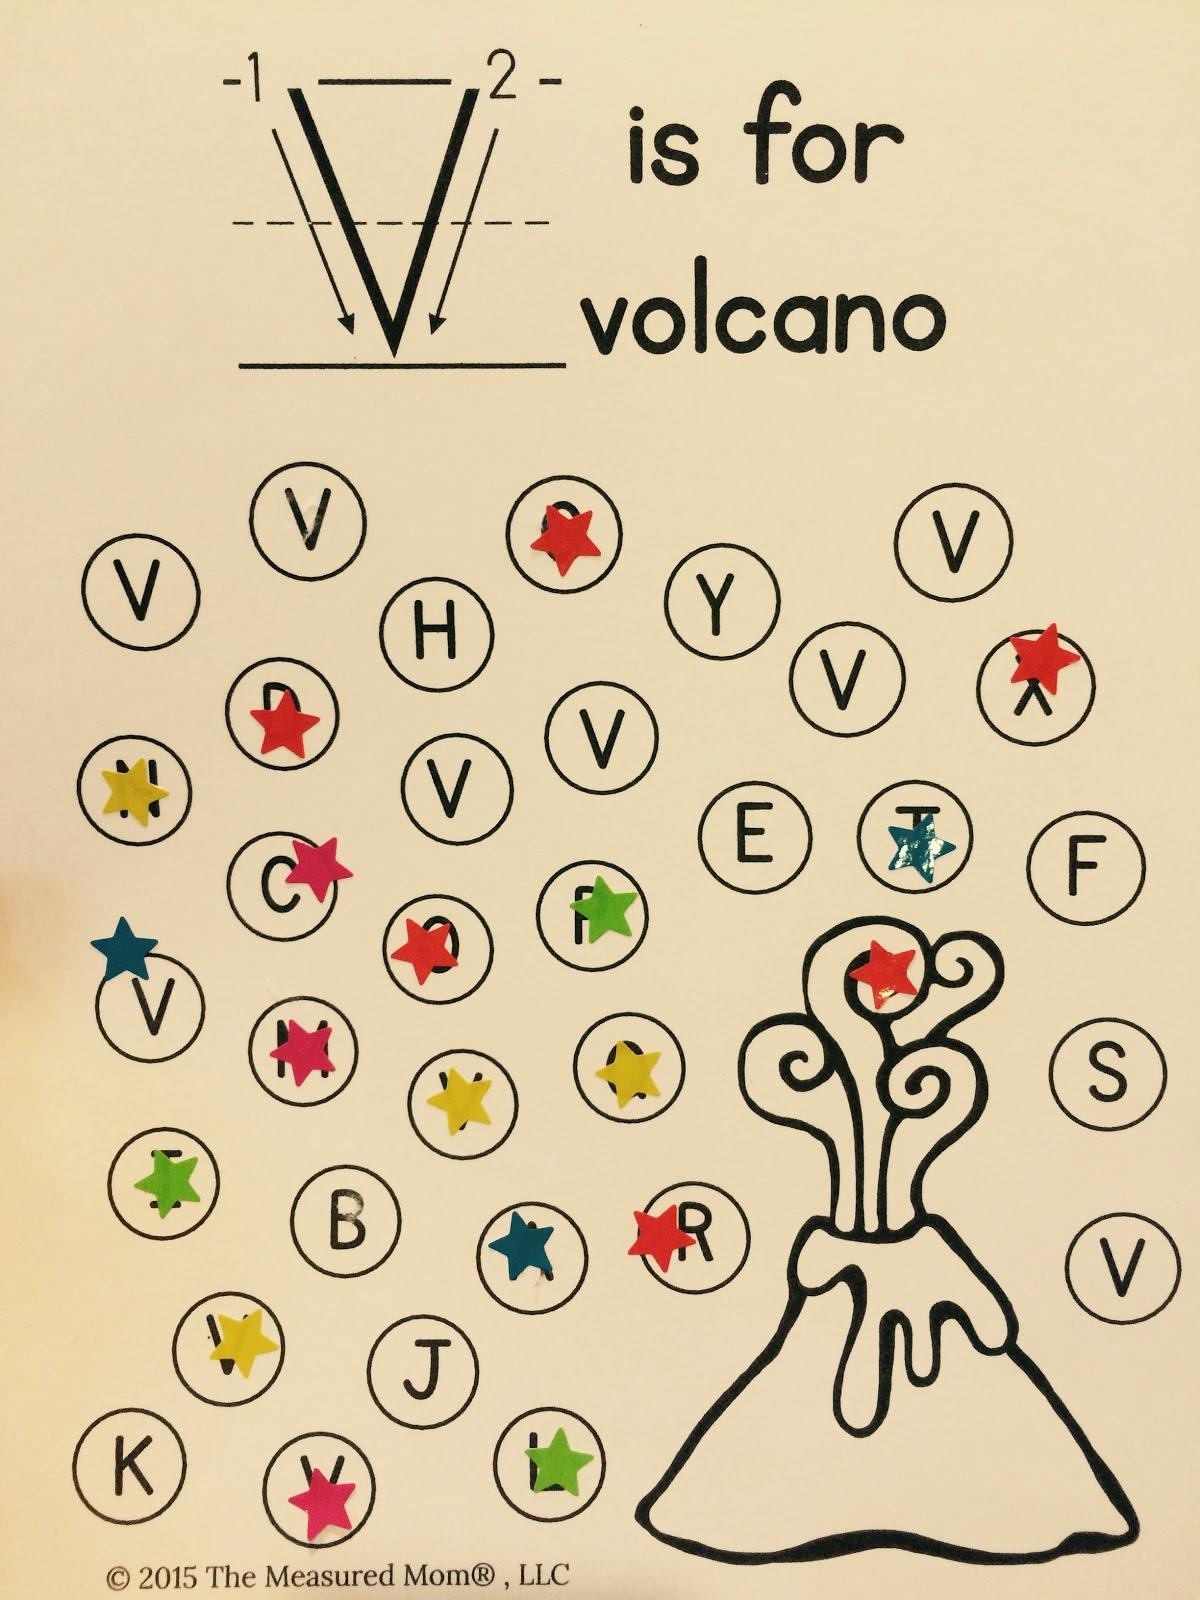 News With Naylors Letter V Vegetable Letter Garden Songs Handprint Art Vulture Booklist